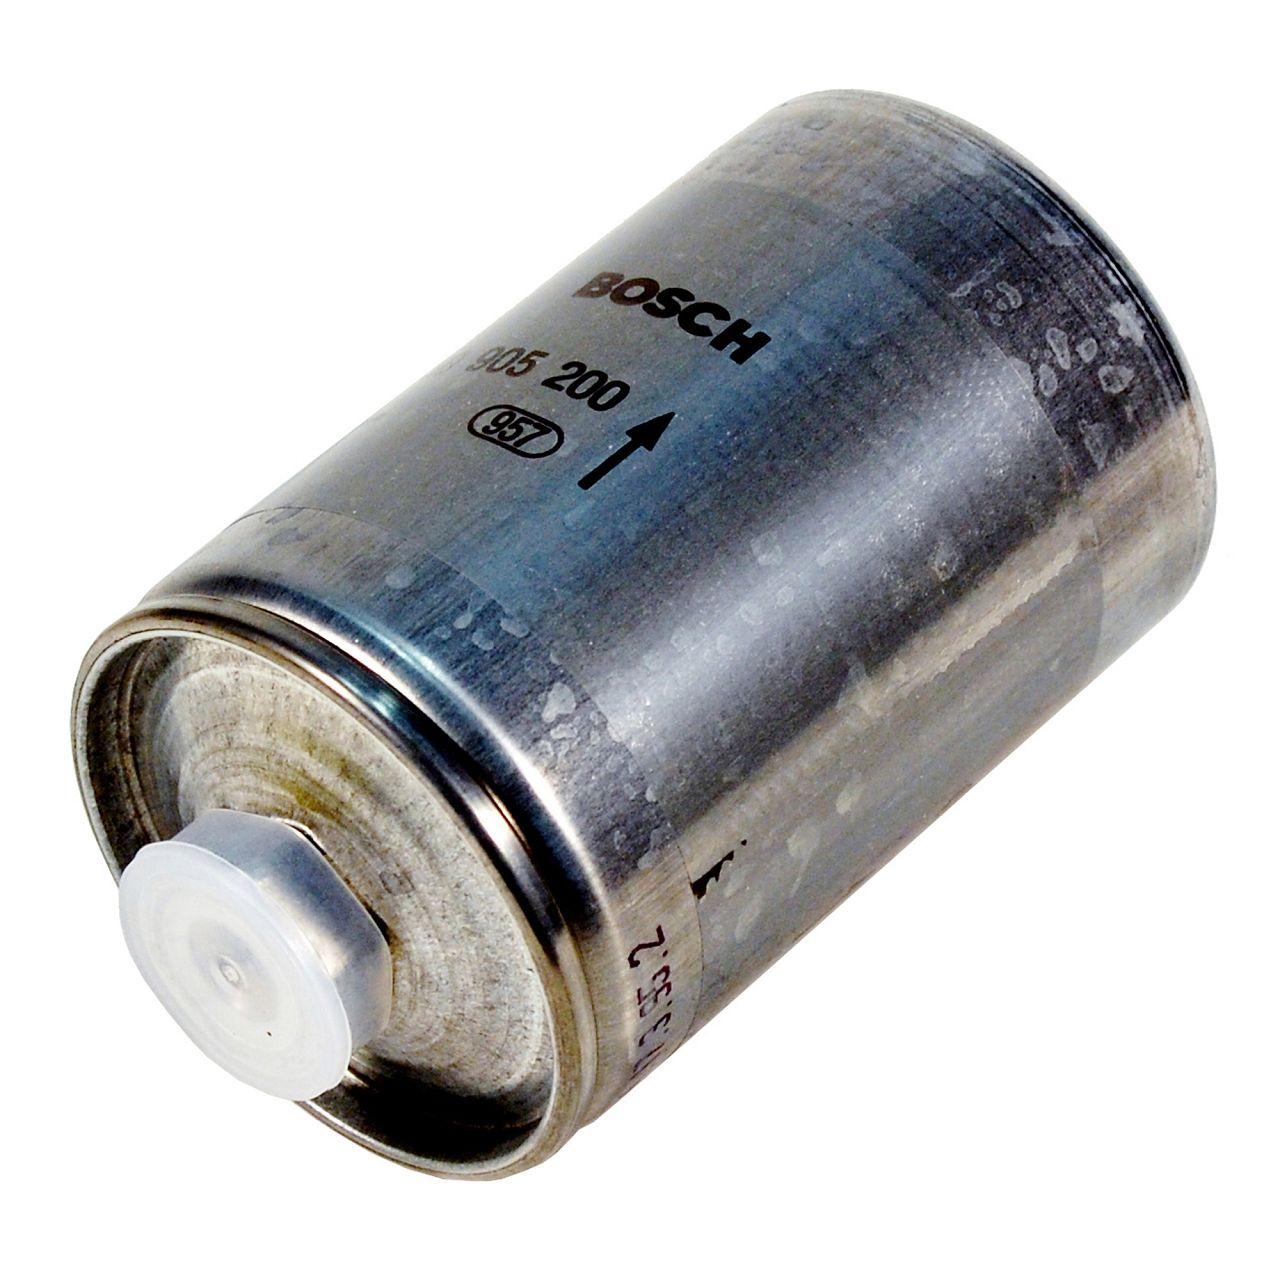 Filterpaket Filterset für Saab 9-5 (YS3E) 2.0t 2.3t 3.0 V6t 150-260PS